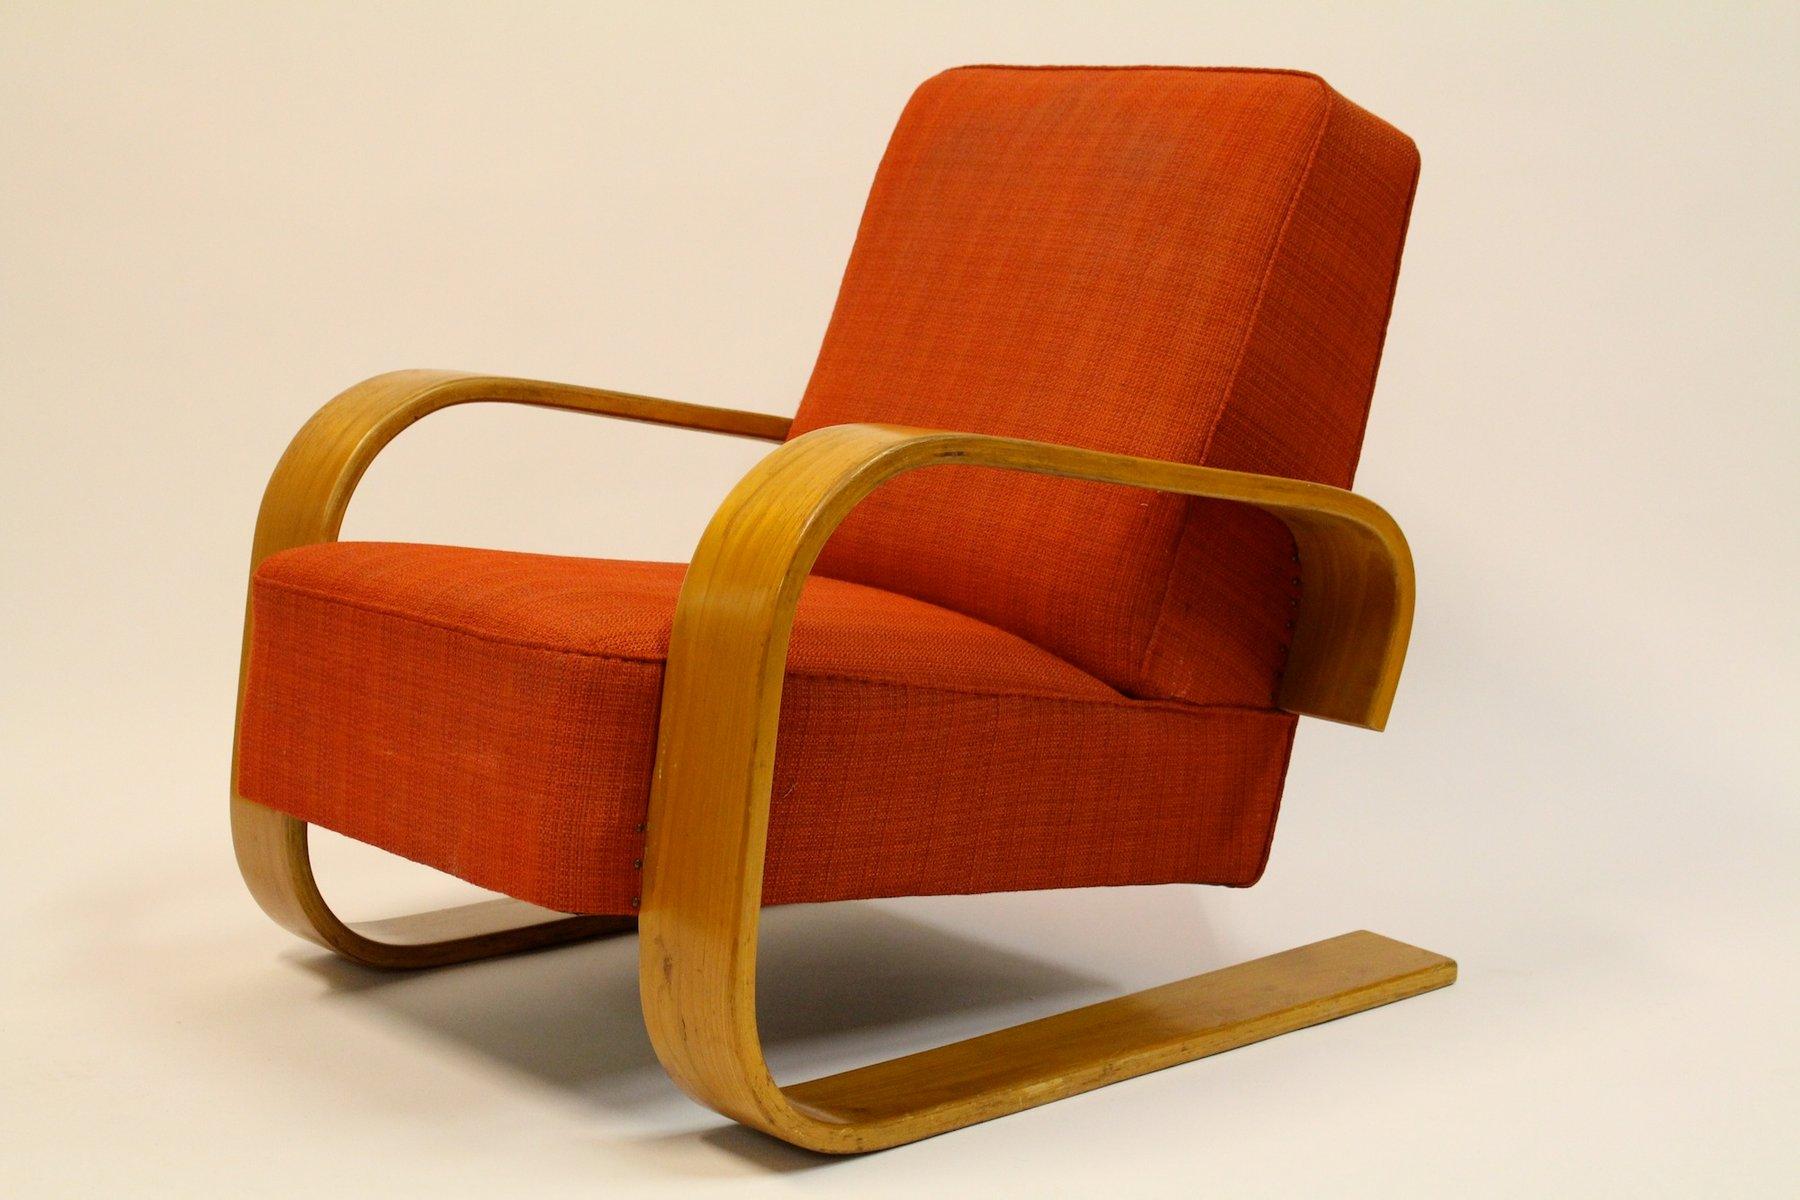 Model 400 Tank Chair by Alvar Aalto for Artek 1950s for sale at